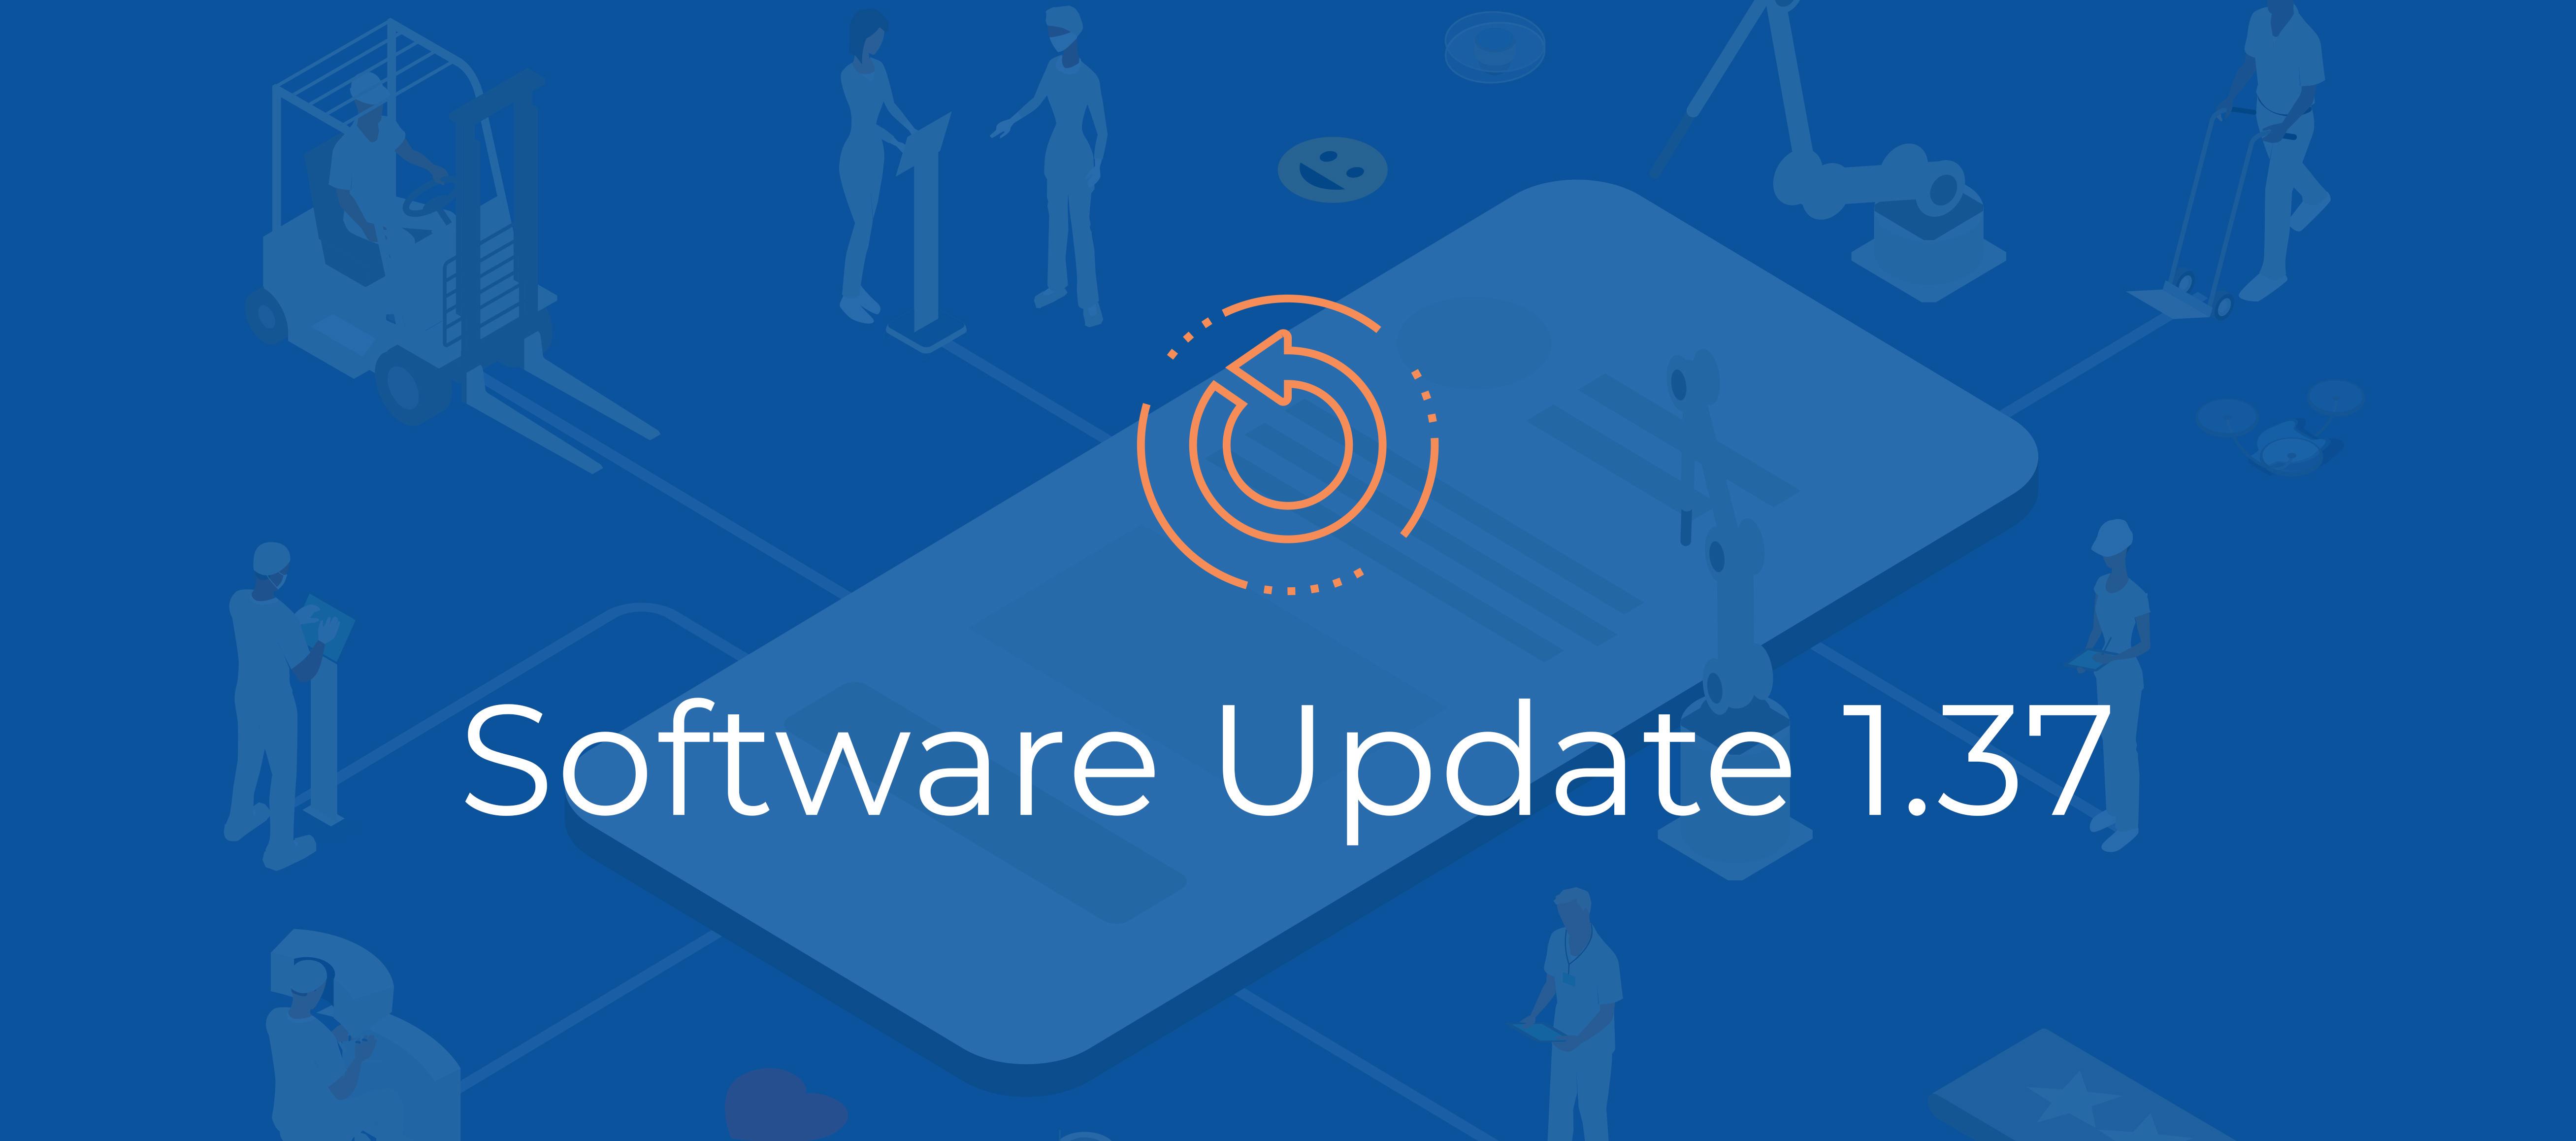 SoftwareUpdate-1.37